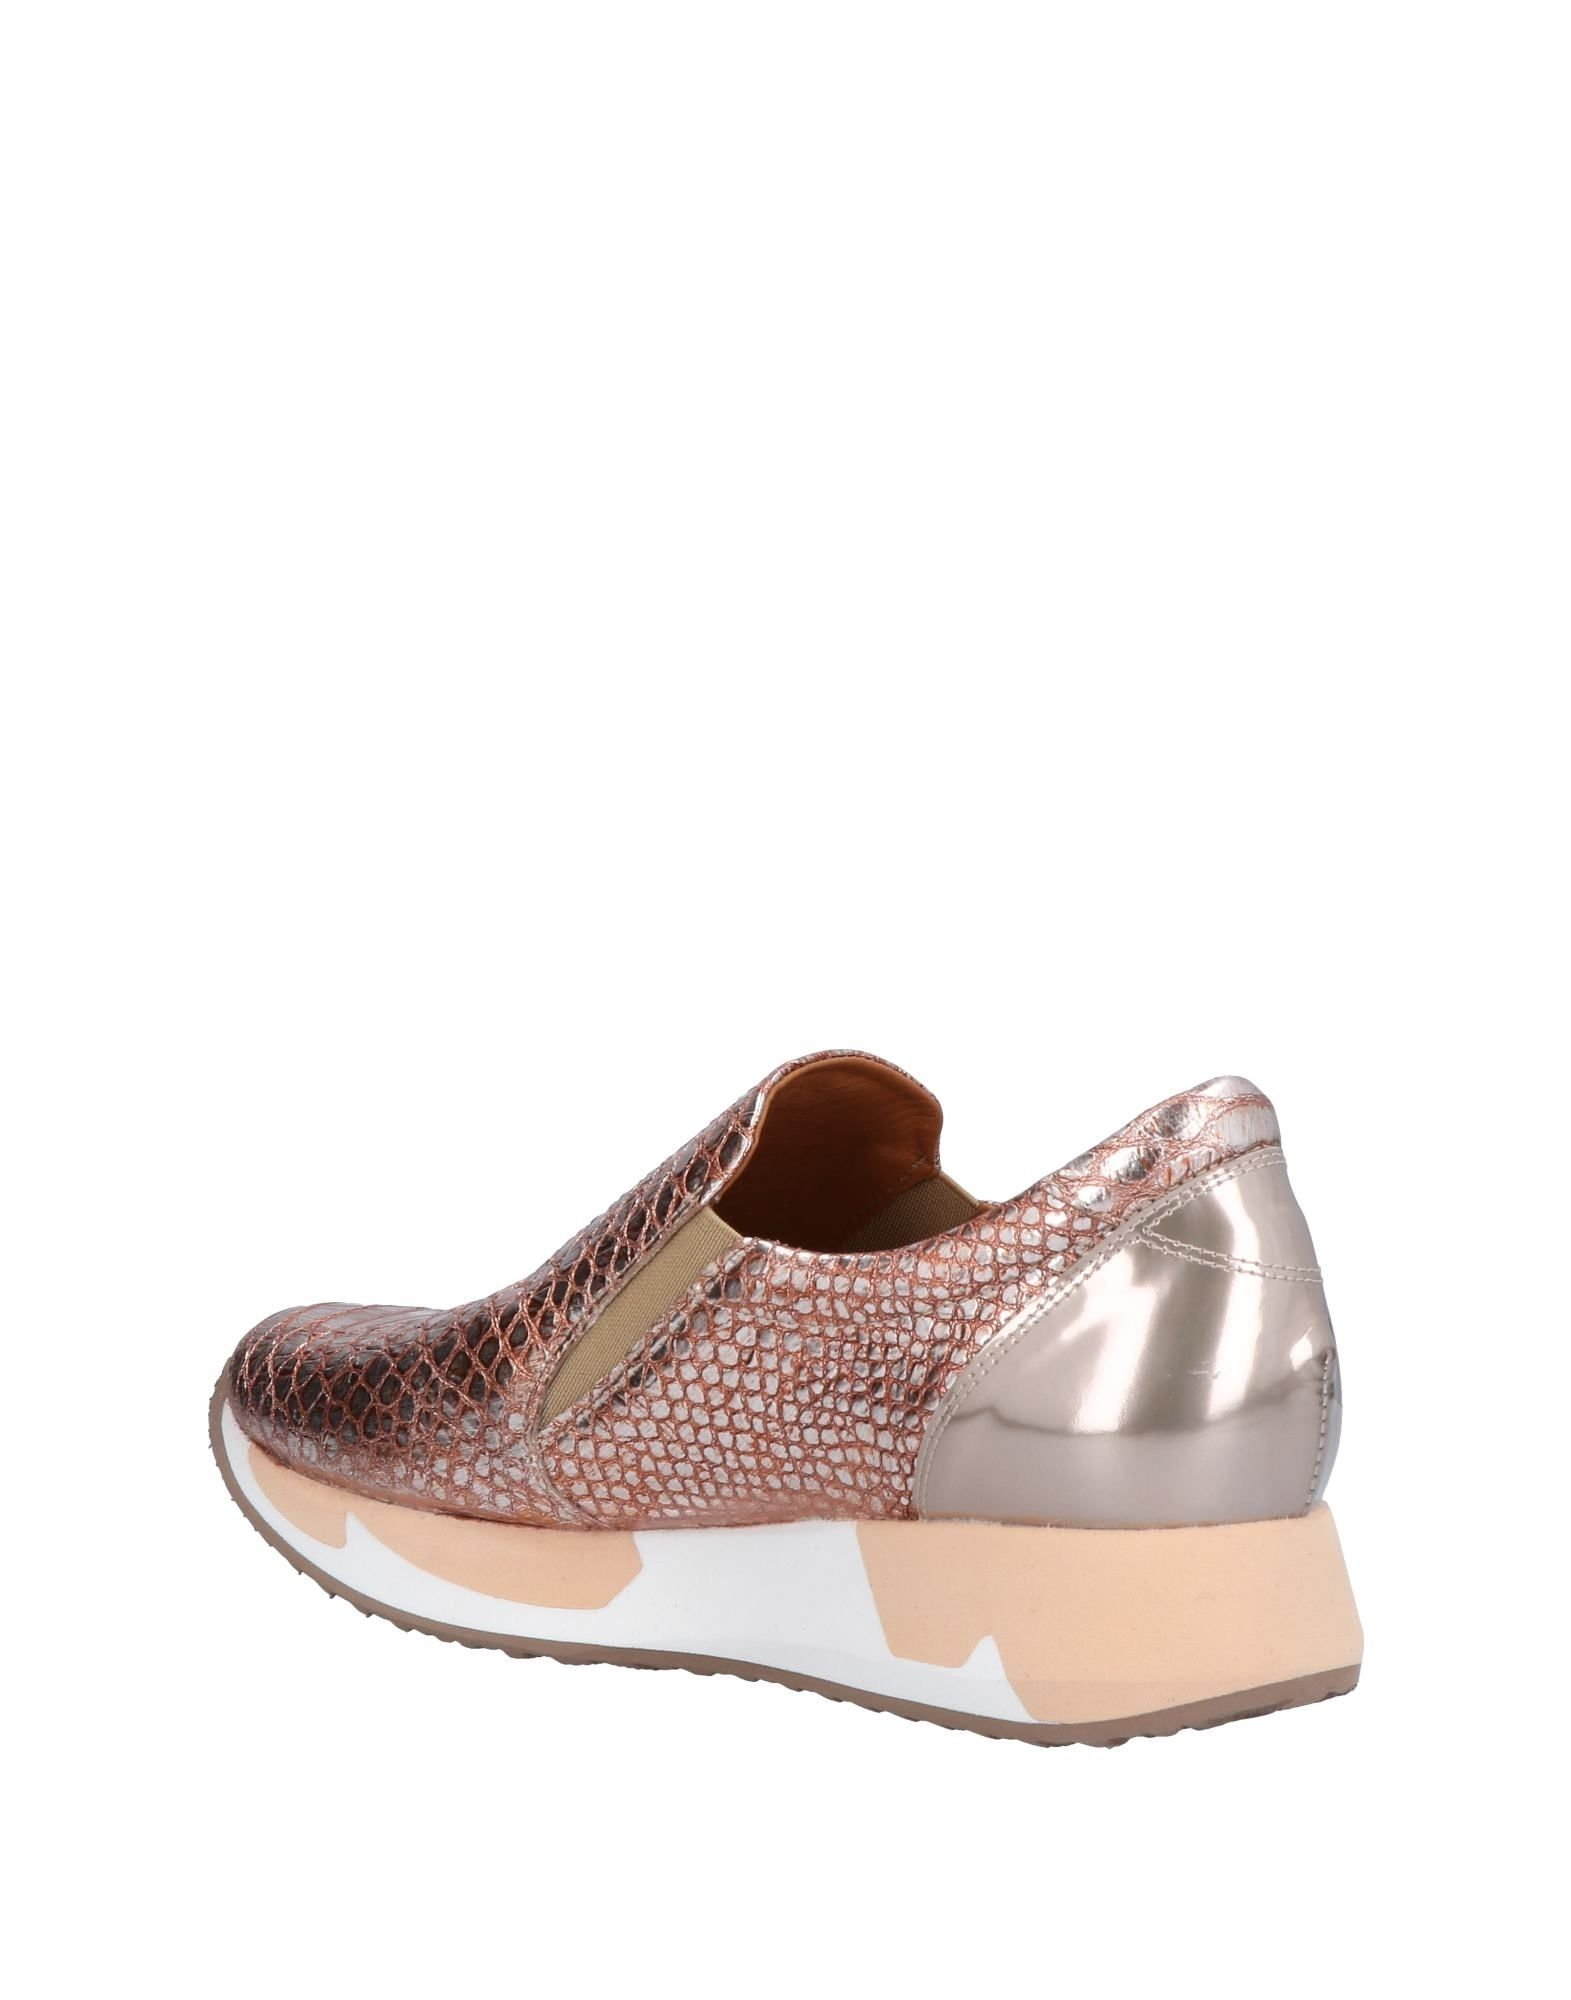 Billig-2417,Zinda Sneakers Damen es Gutes Preis-Leistungs-Verhältnis, es Damen lohnt sich e4a9cc